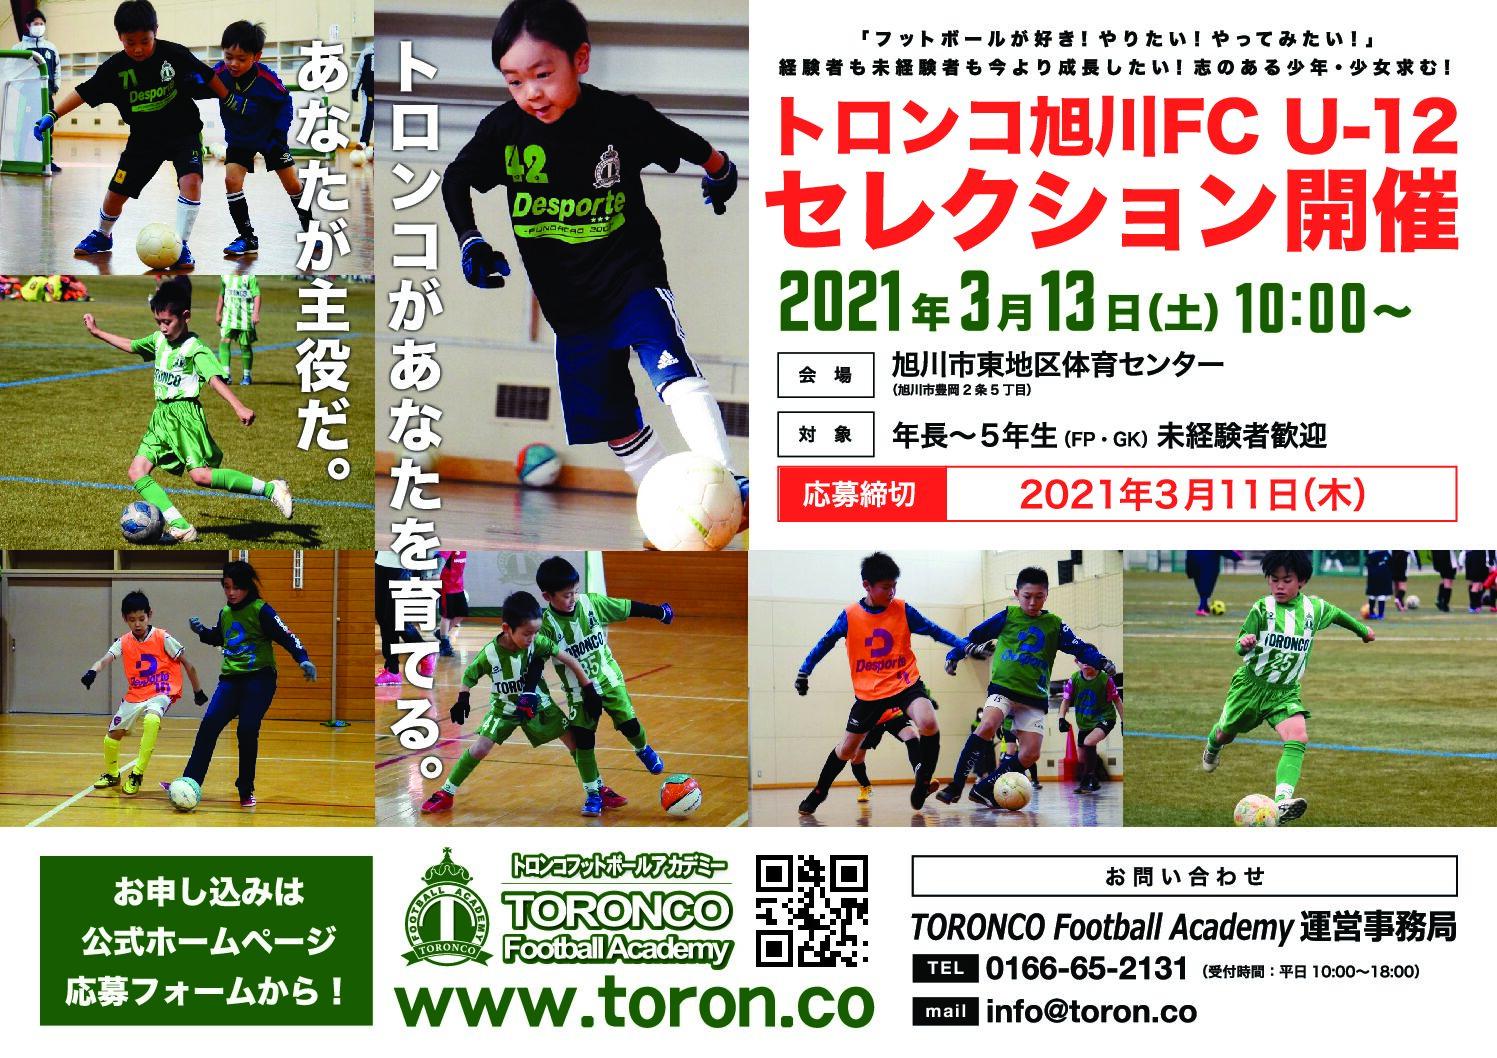 【FC u12】2020第4回セレクション開催《終了》